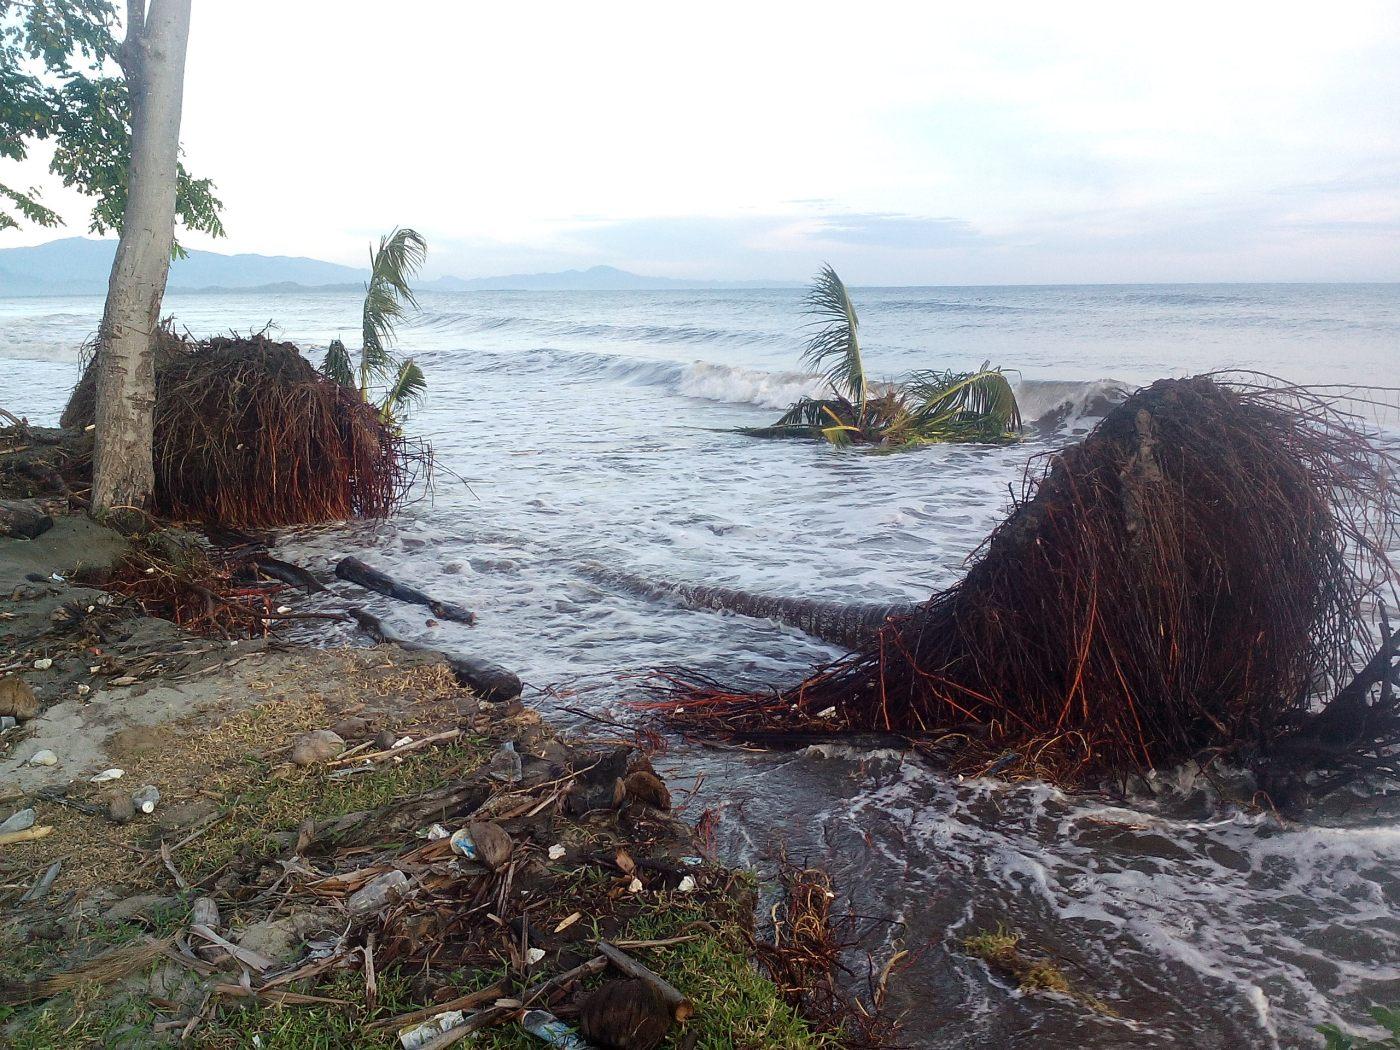 Pohon Mangrove Mampie Berkurang Salah Satu Penyebab Abrasi Pantai Kab